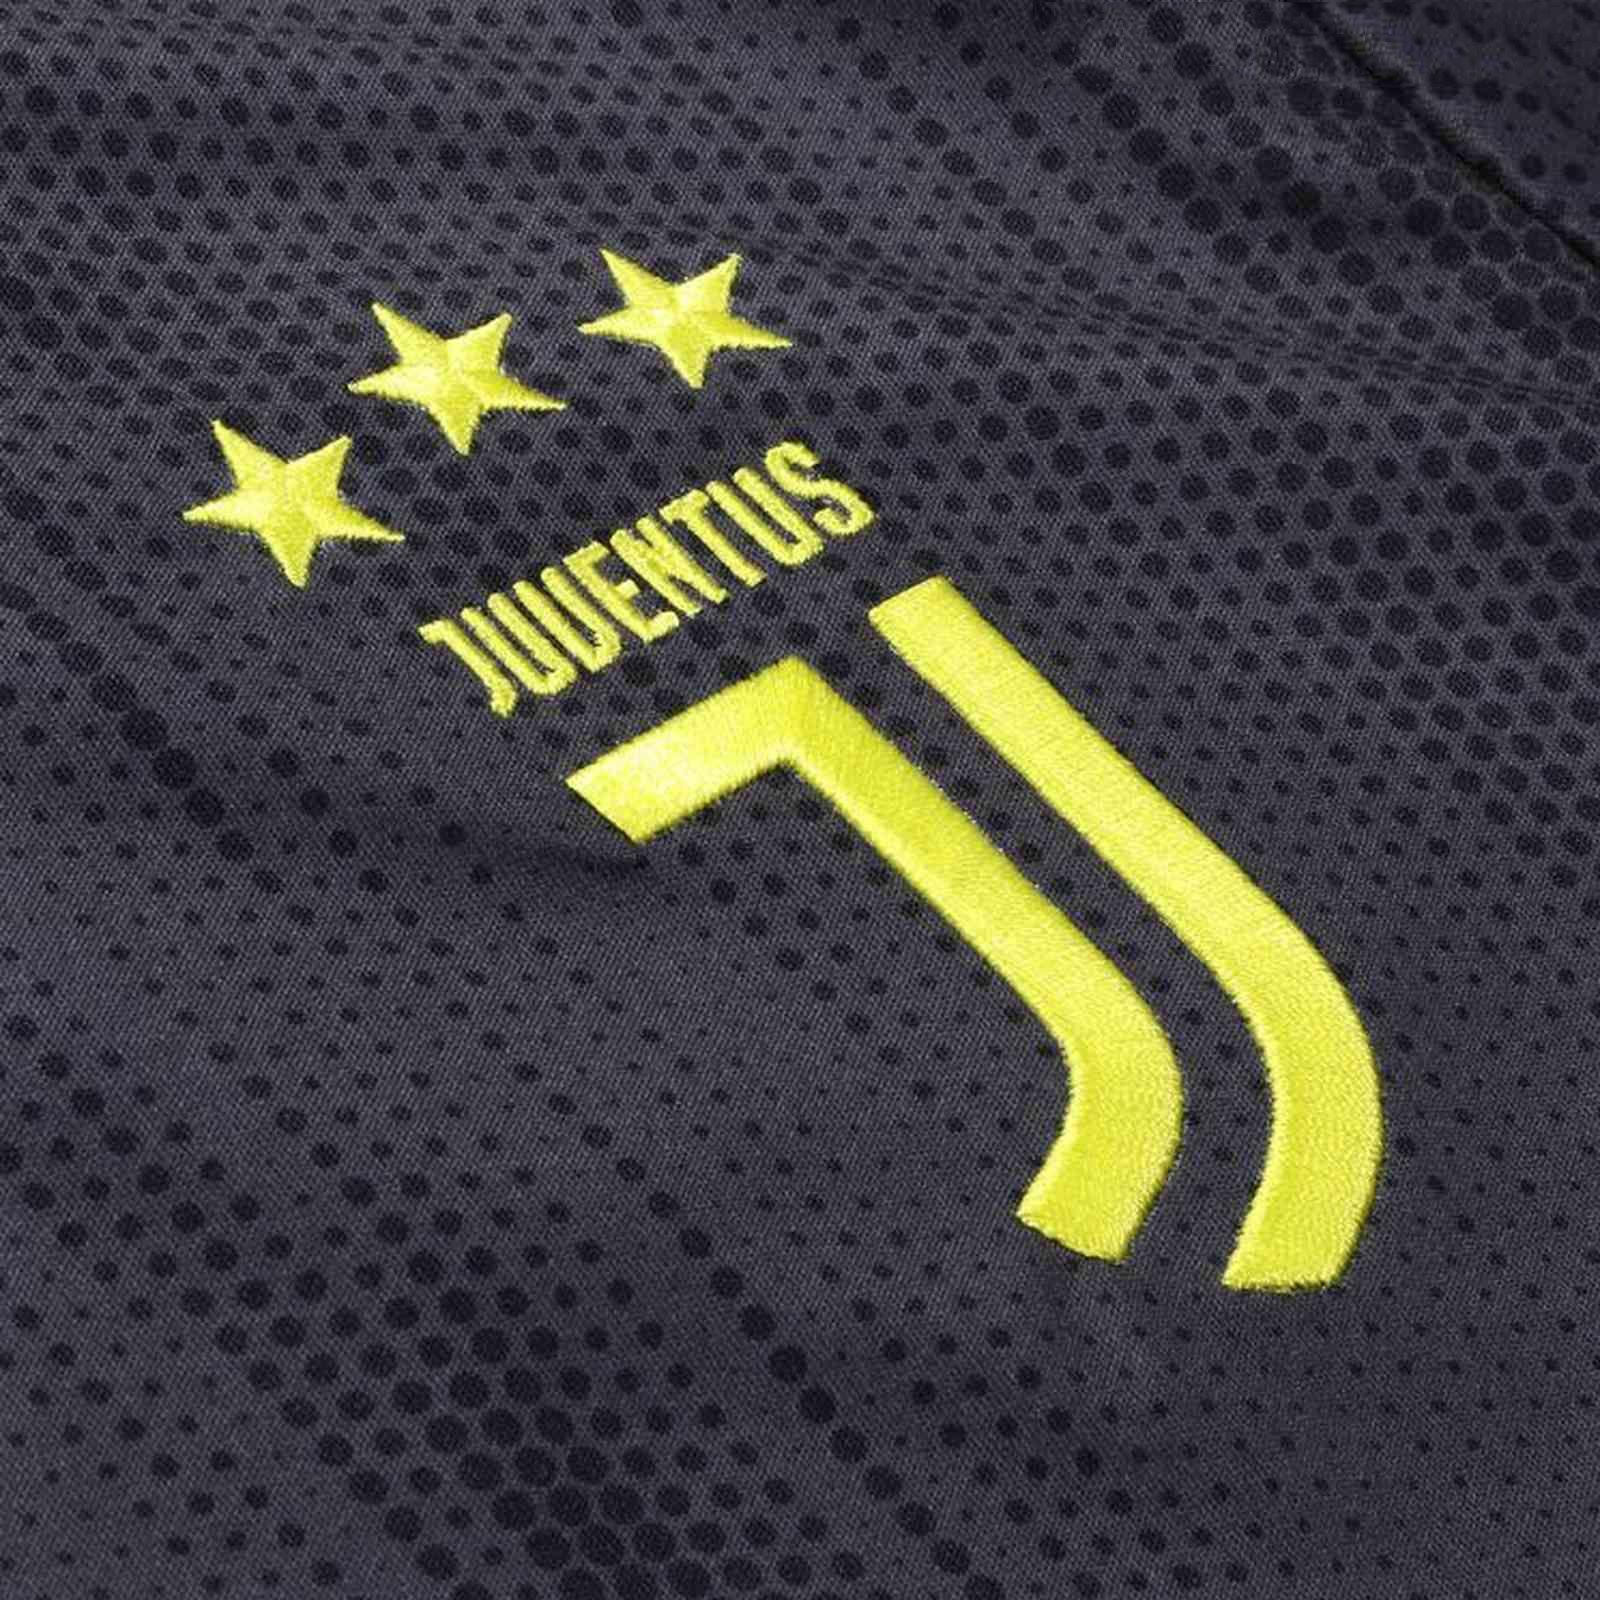 7c117bc9052 18-19 Juventus Third Away Black Soccer Jersey Shirt